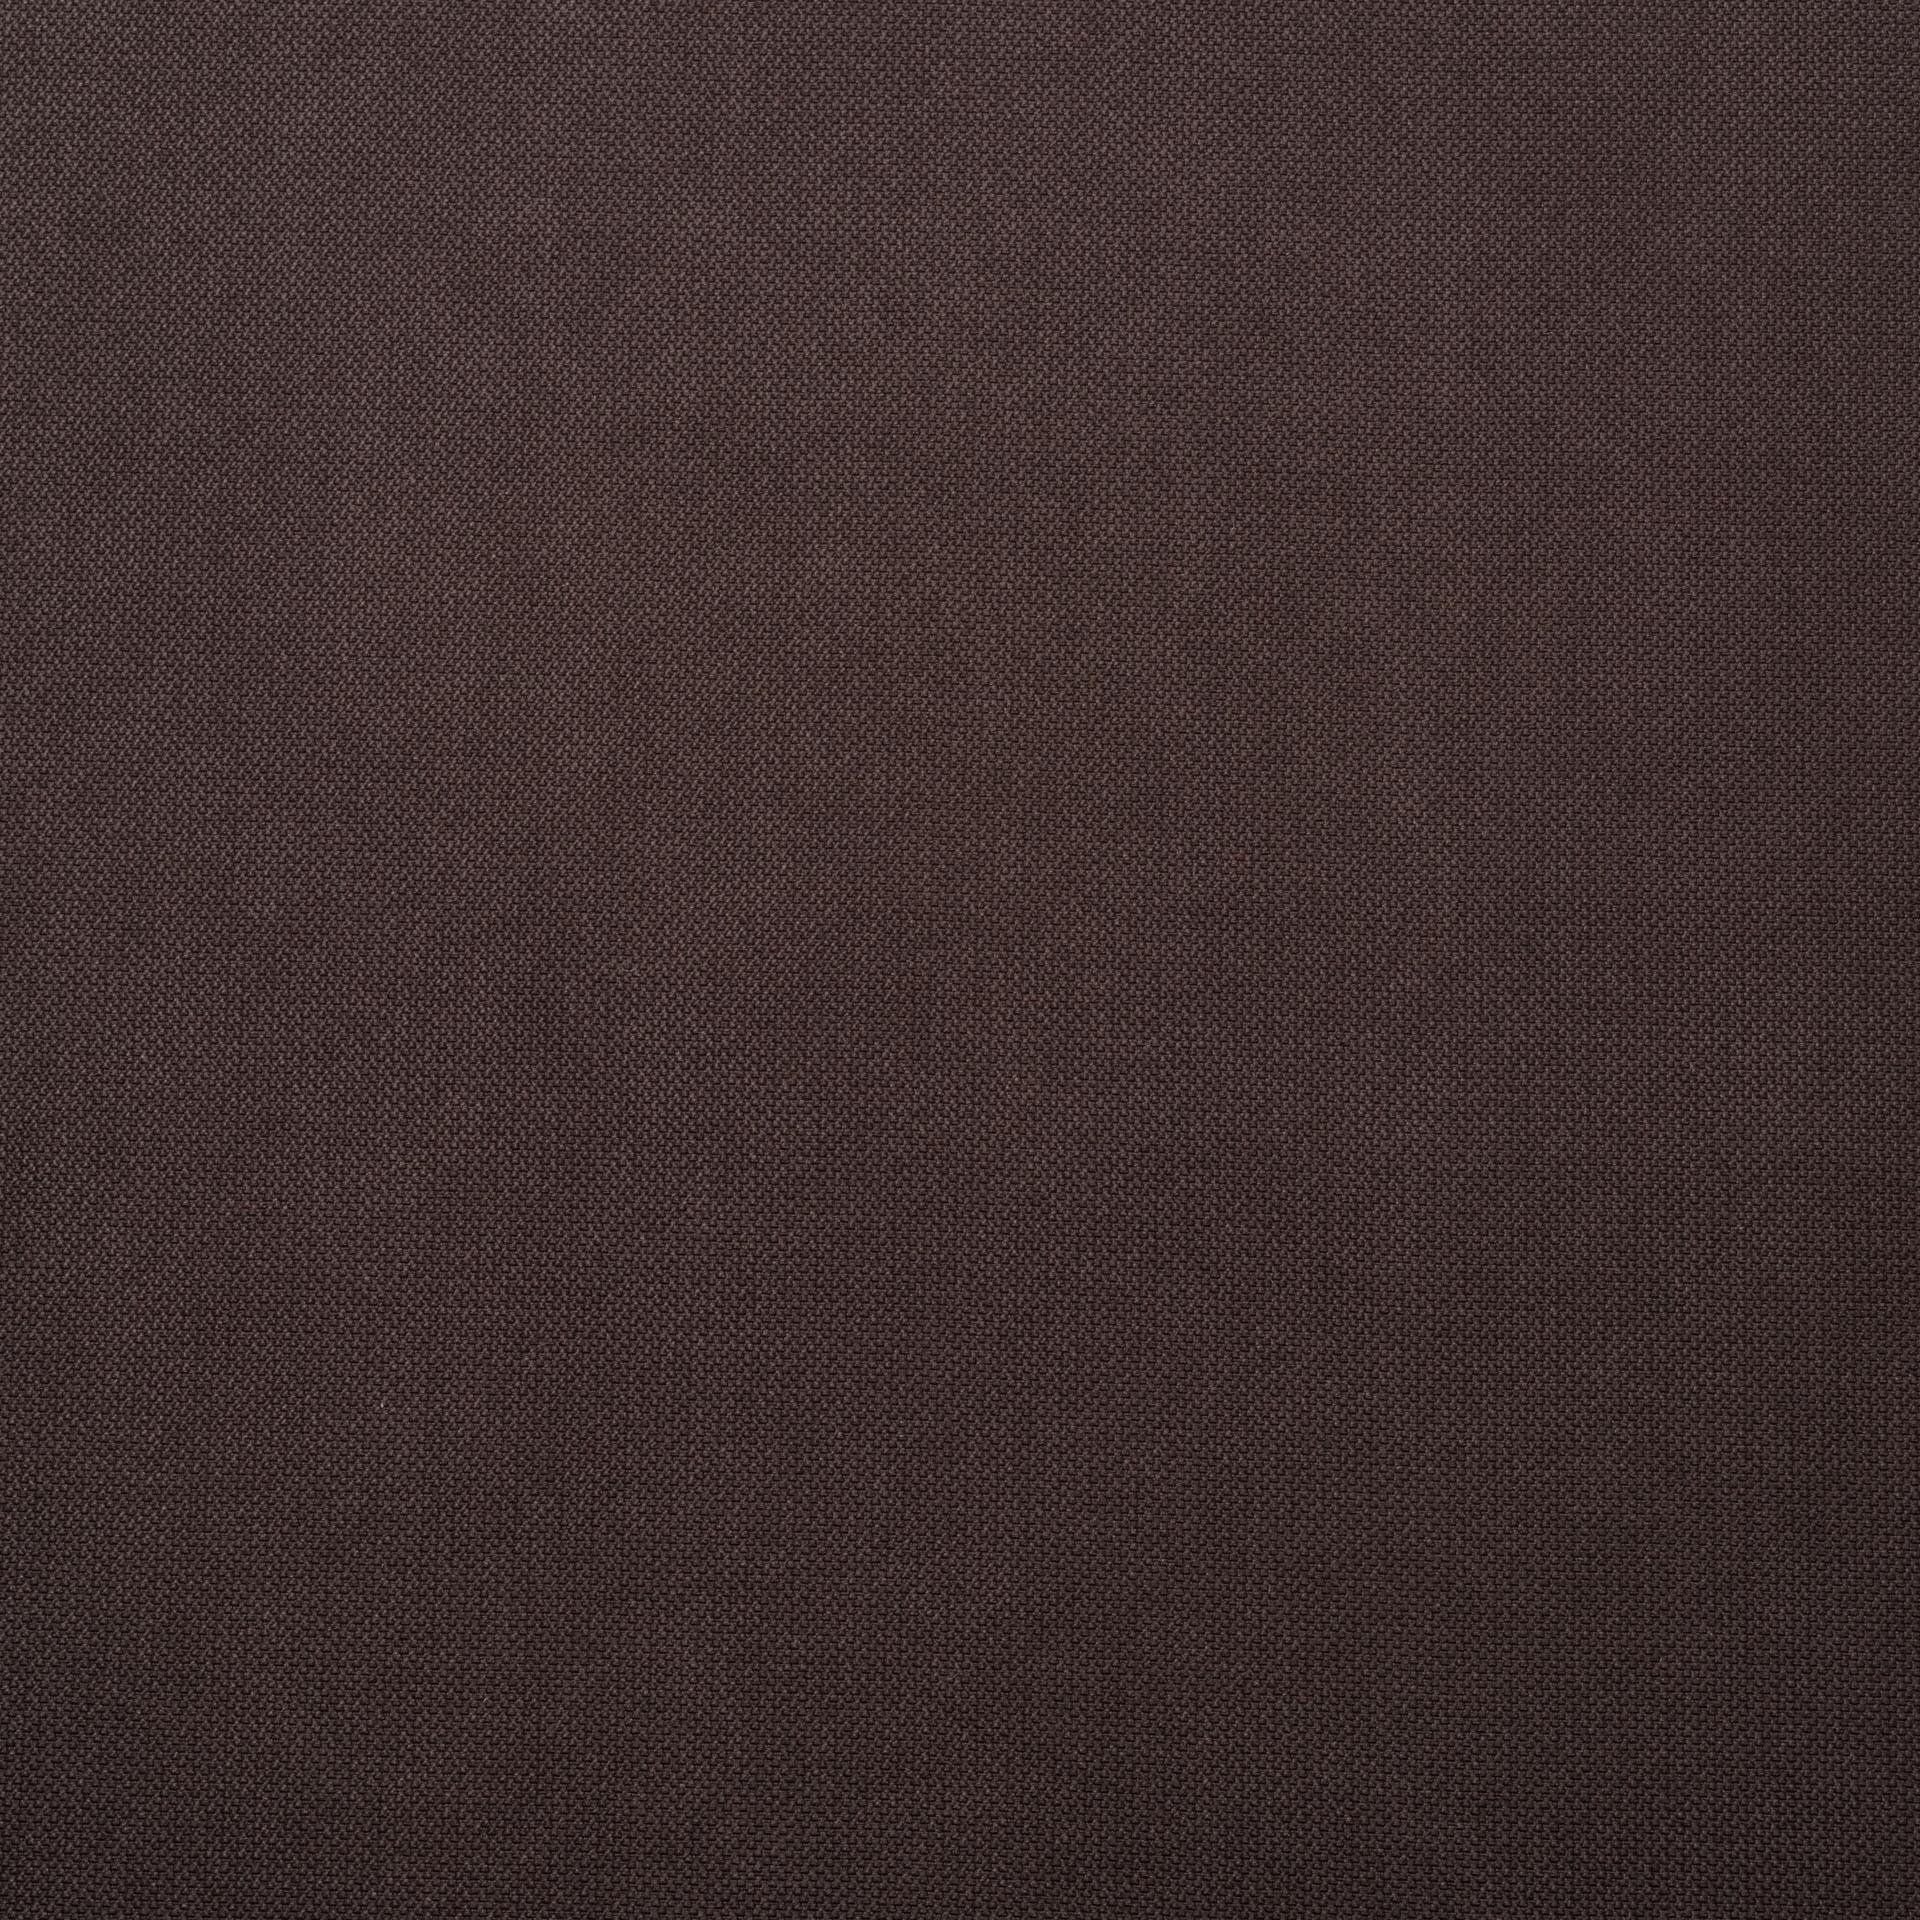 Коллекция ткани Стэнли 05 BISTRE,  купить ткань Жаккард для мебели Украина